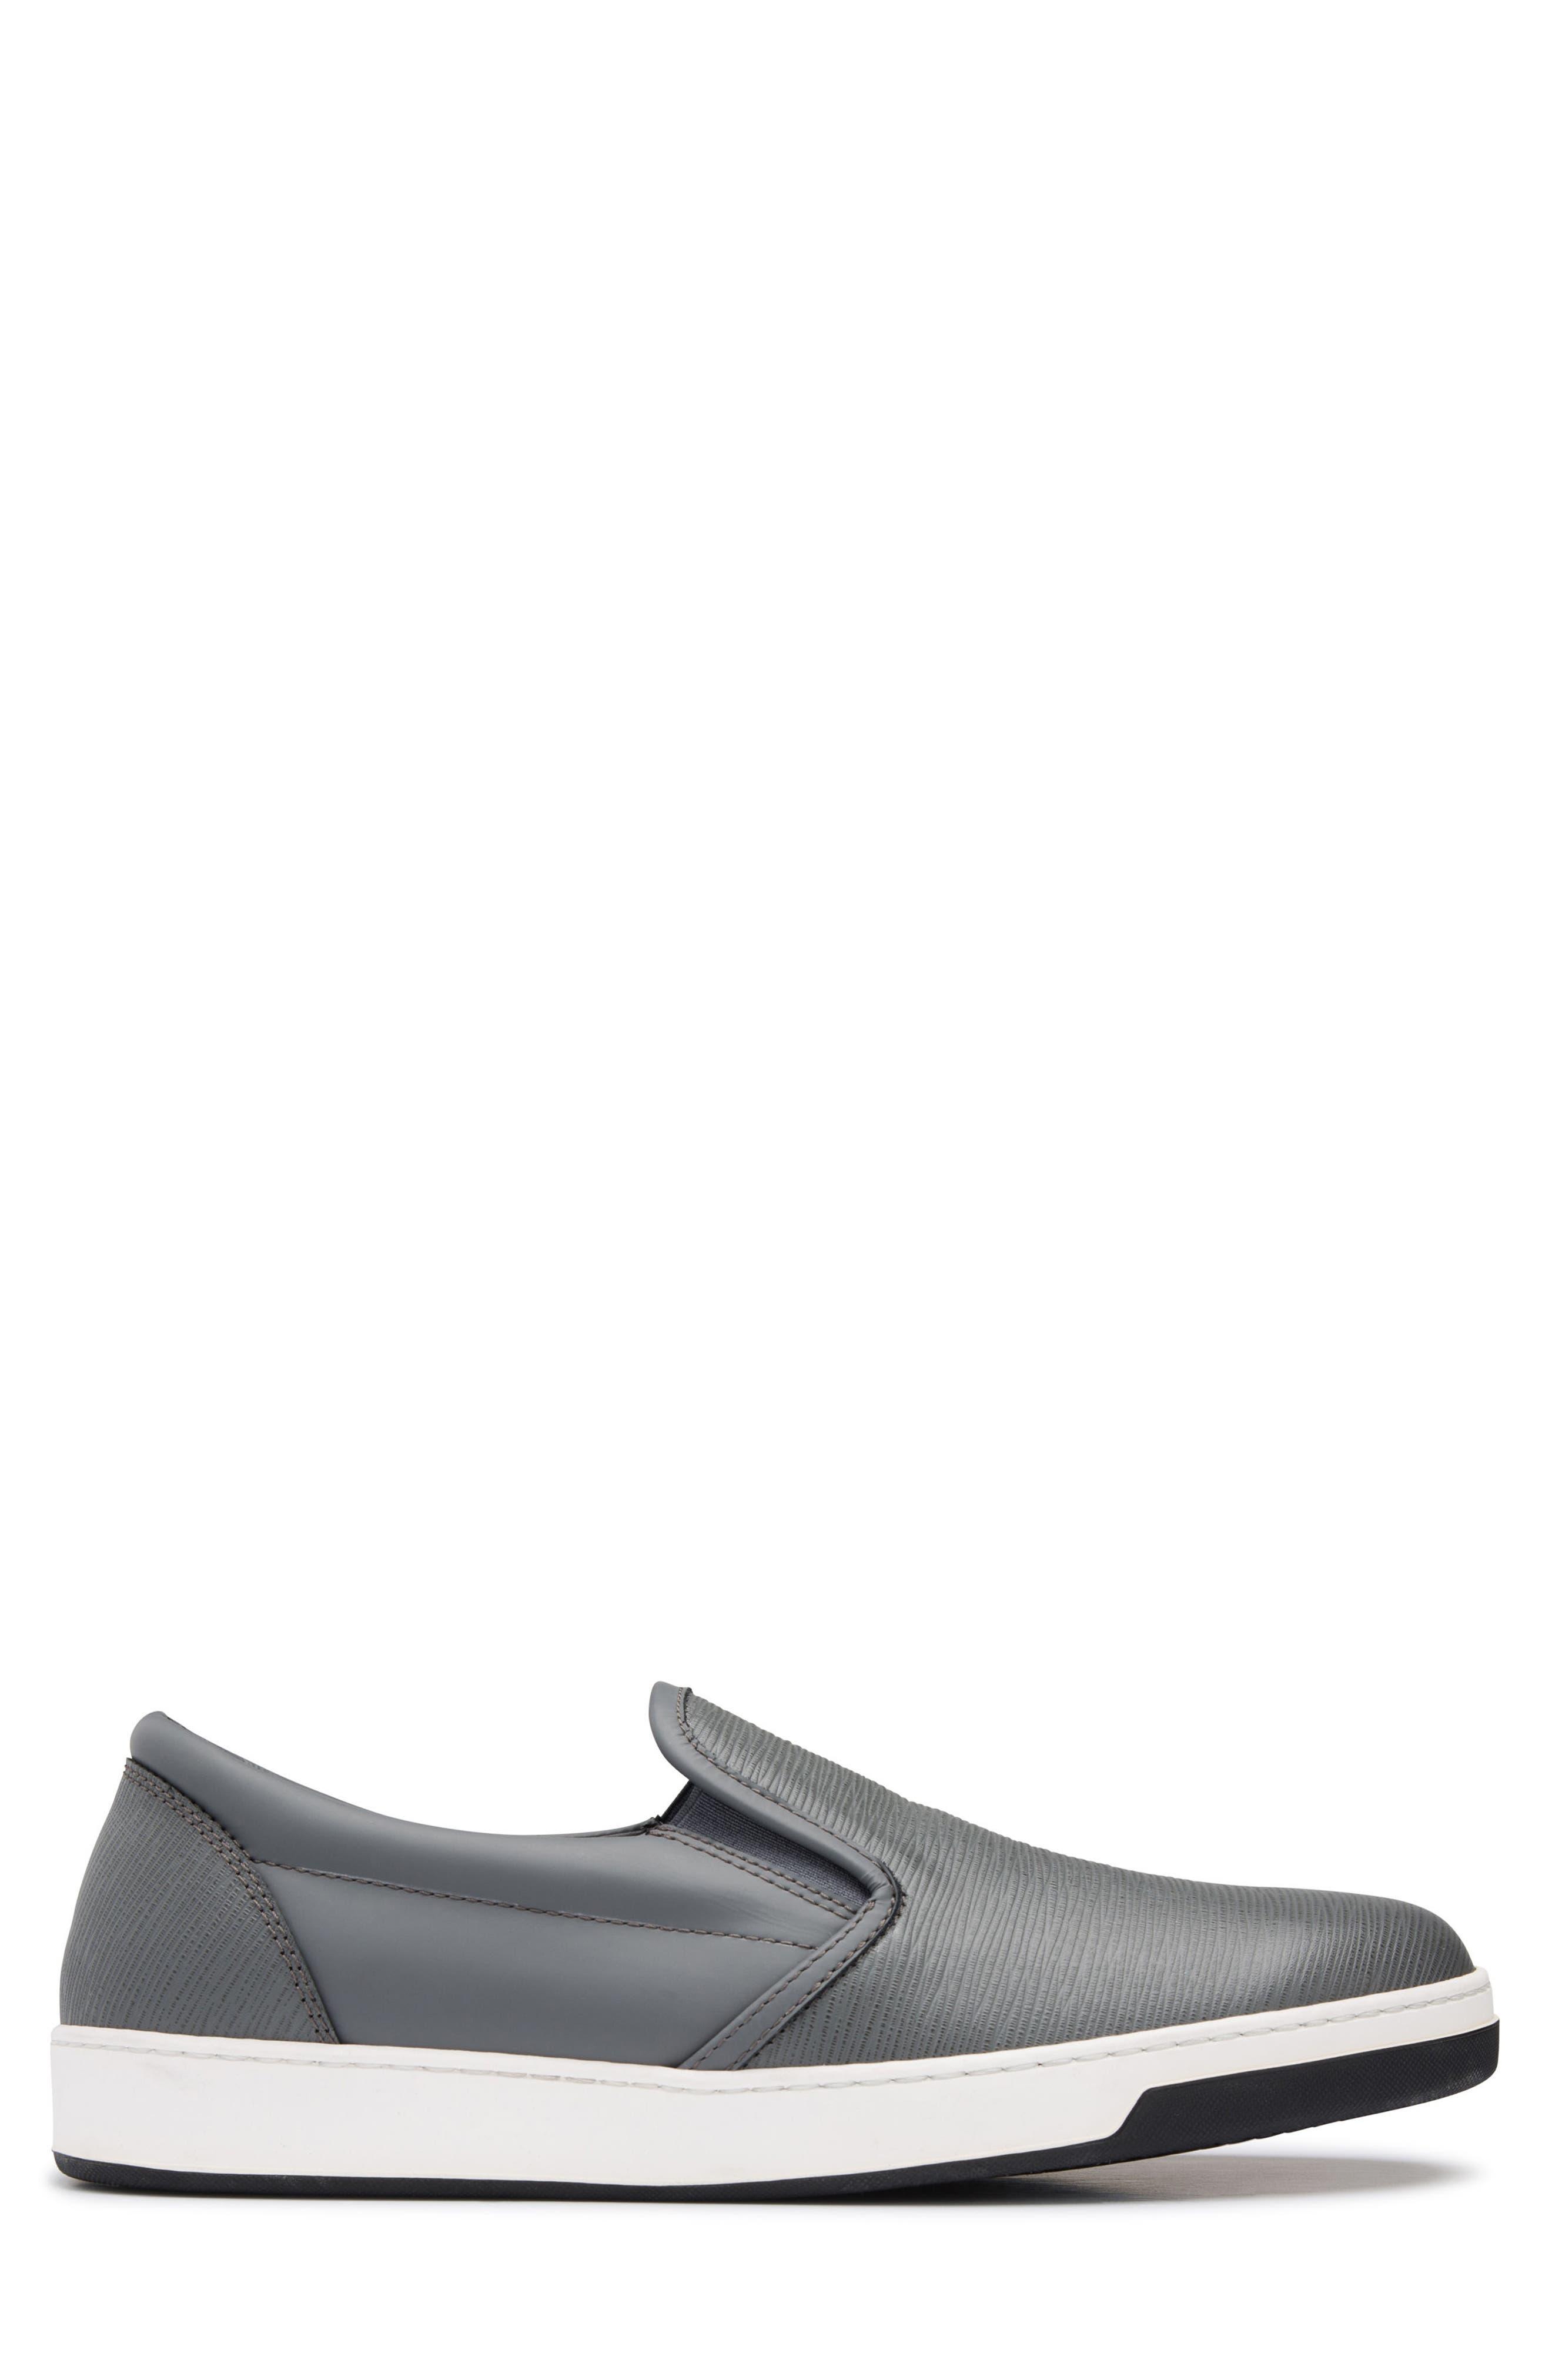 Santorini Slip-On Sneaker,                             Alternate thumbnail 3, color,                             GRAFITE